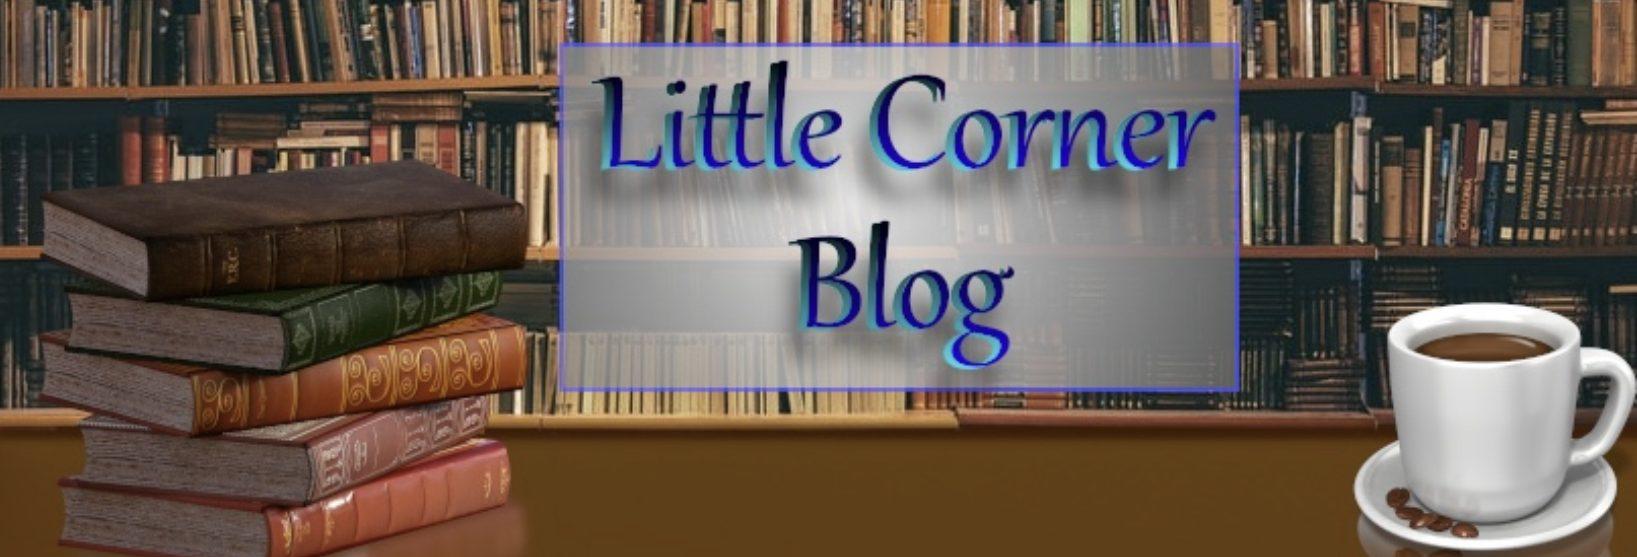 Little Corner Blog